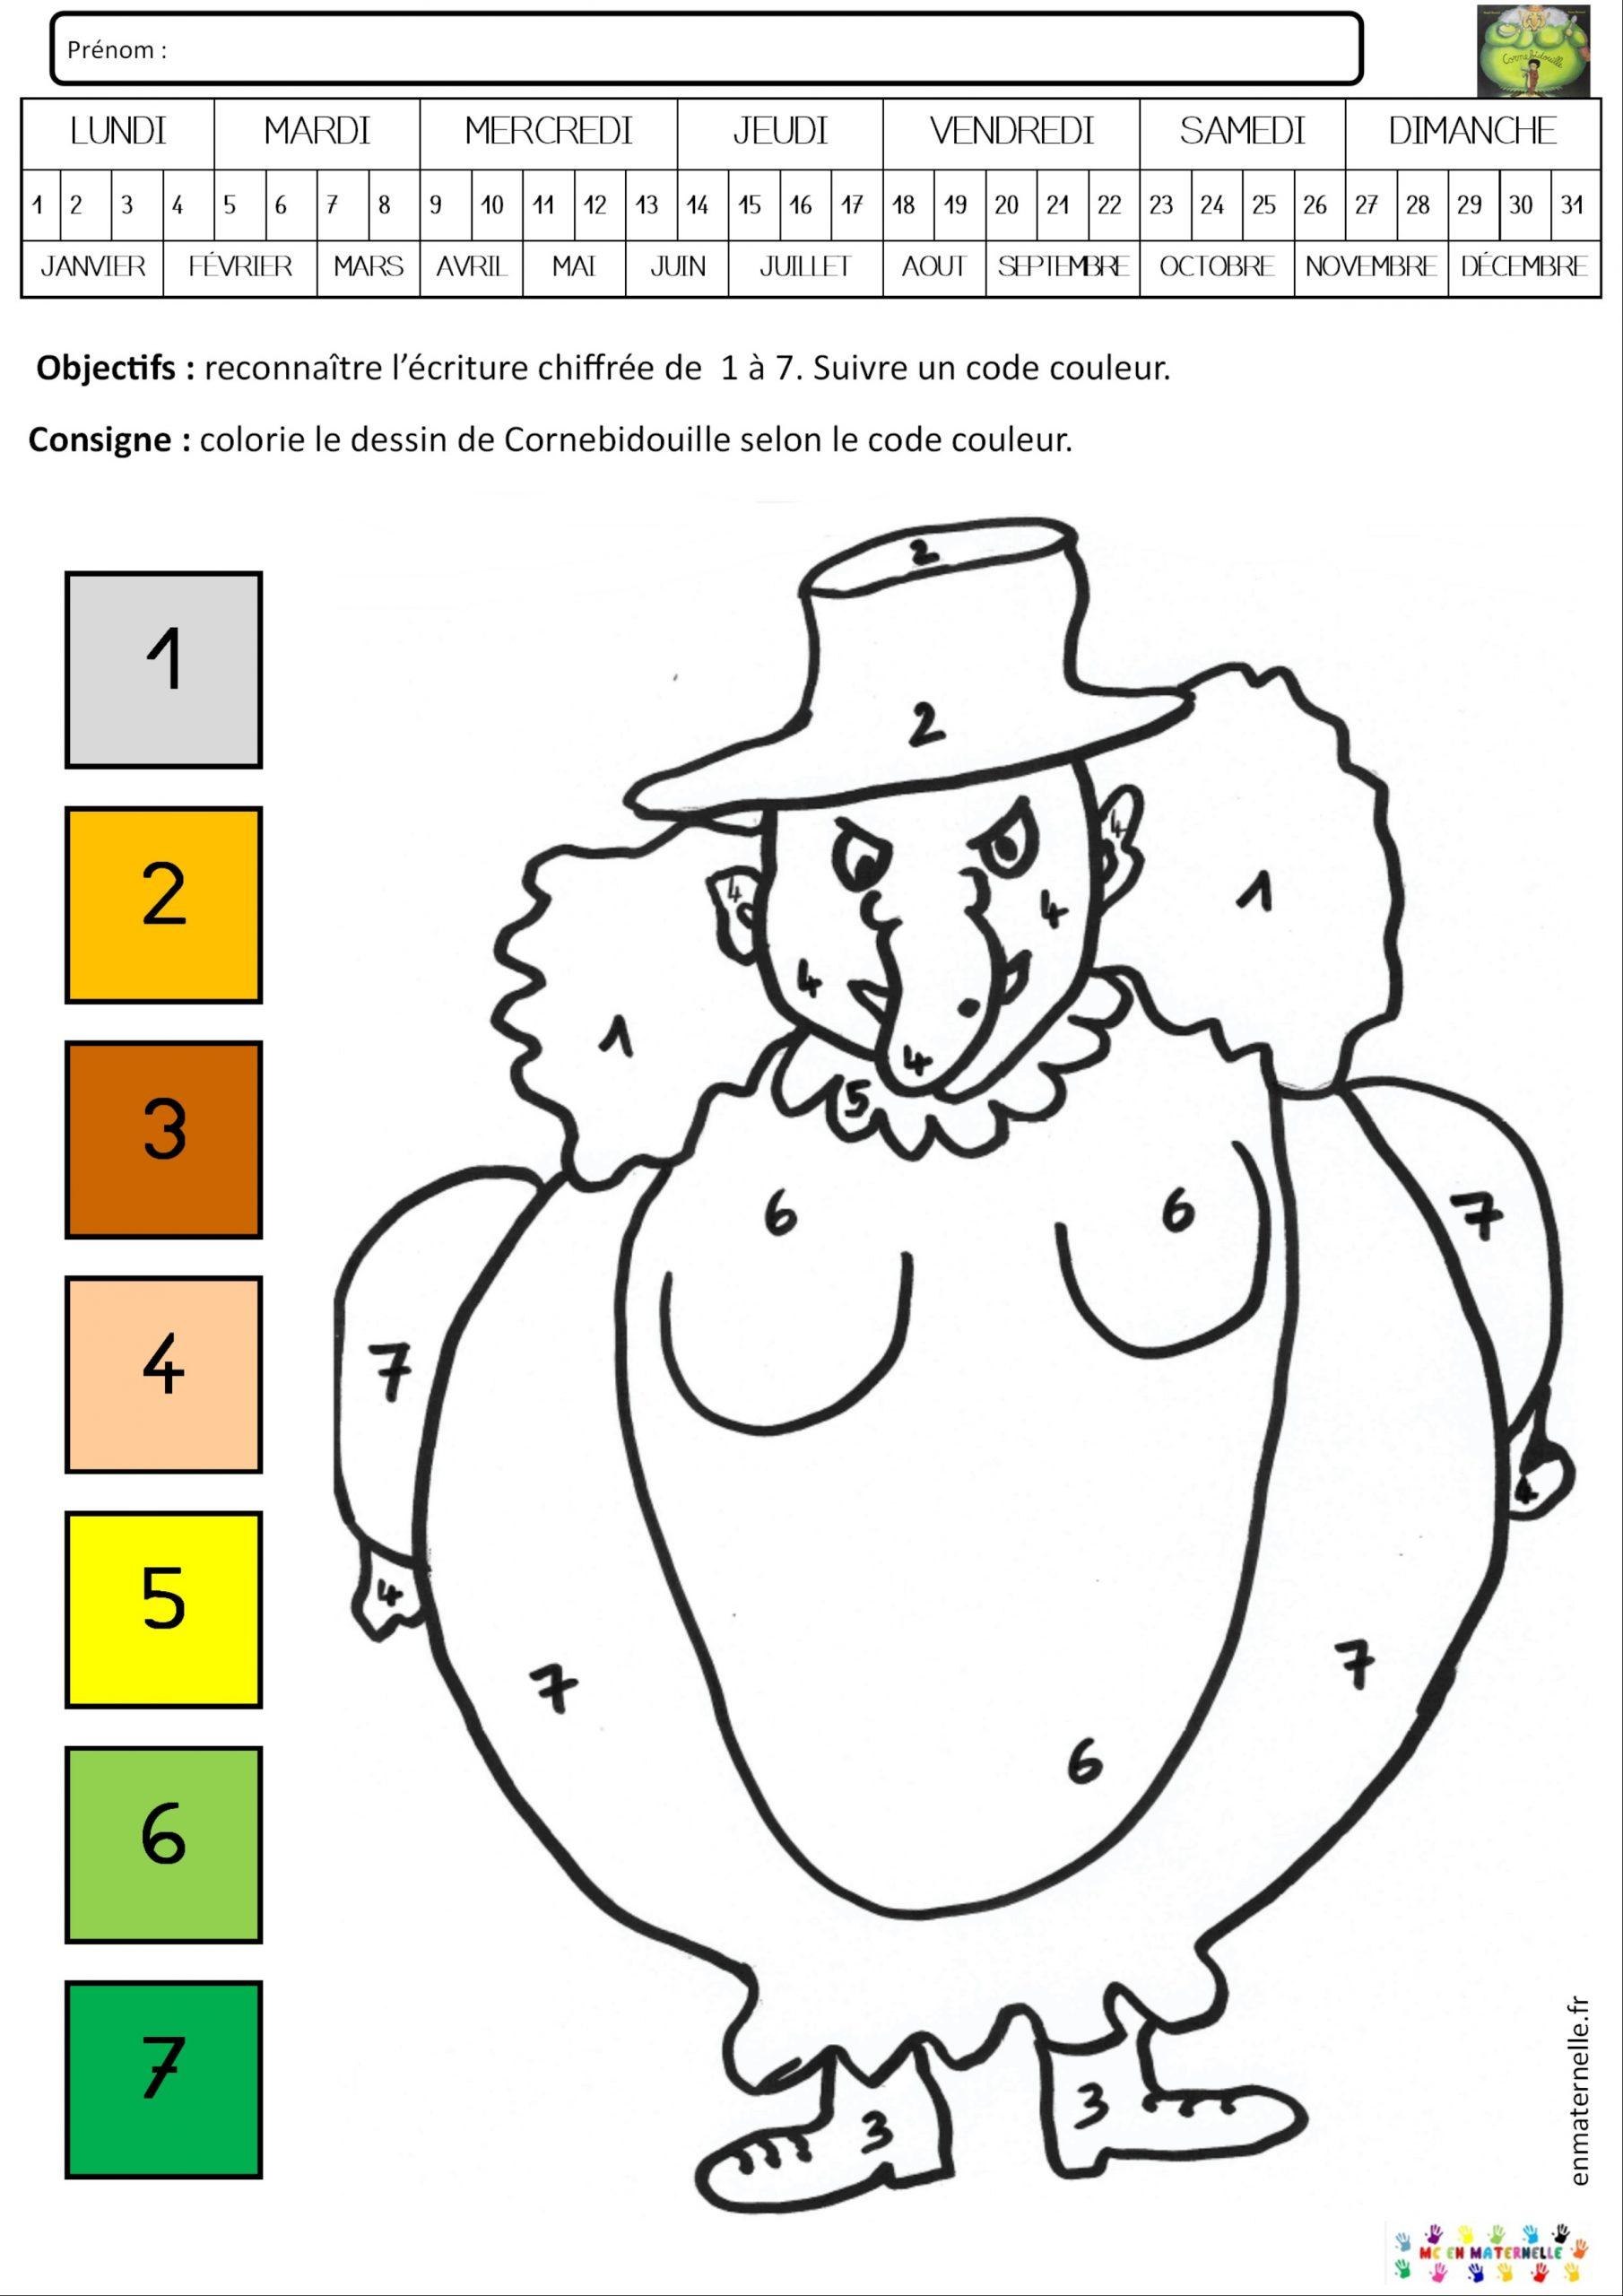 Cornebidouille : Coloriage Magique De 1 À 7 – Mc En Maternelle encequiconcerne Coloriage Magique Petite Section